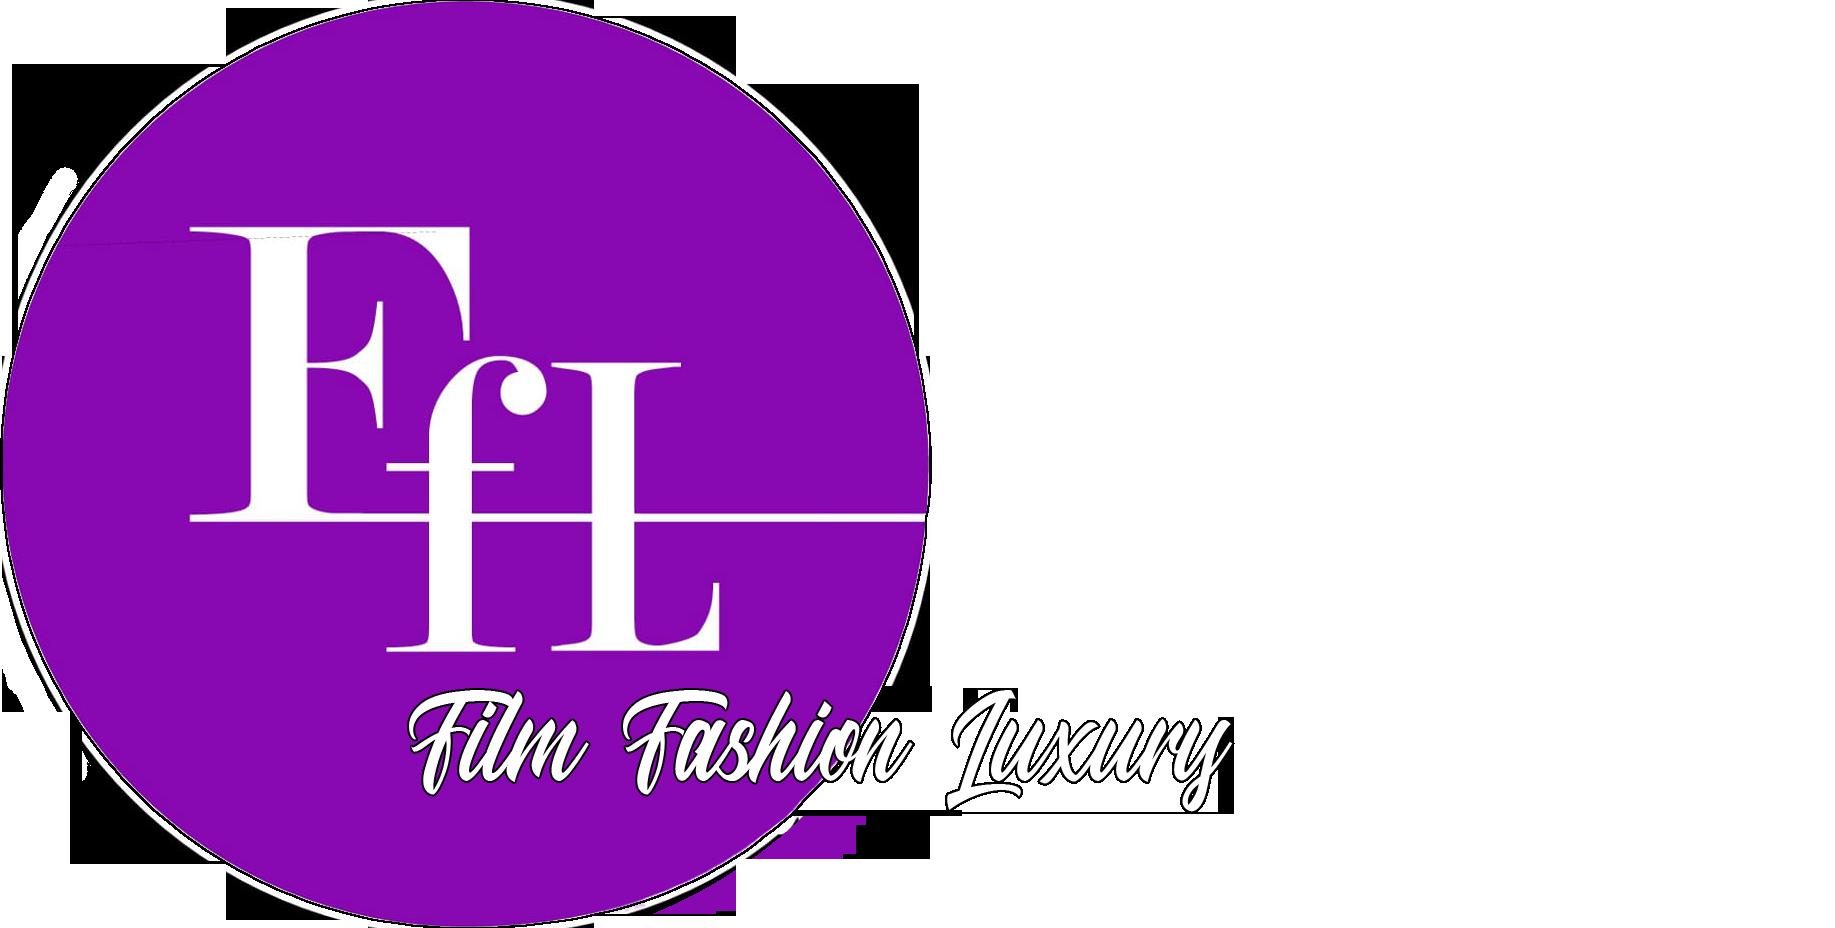 FILM FASHION LUXURY